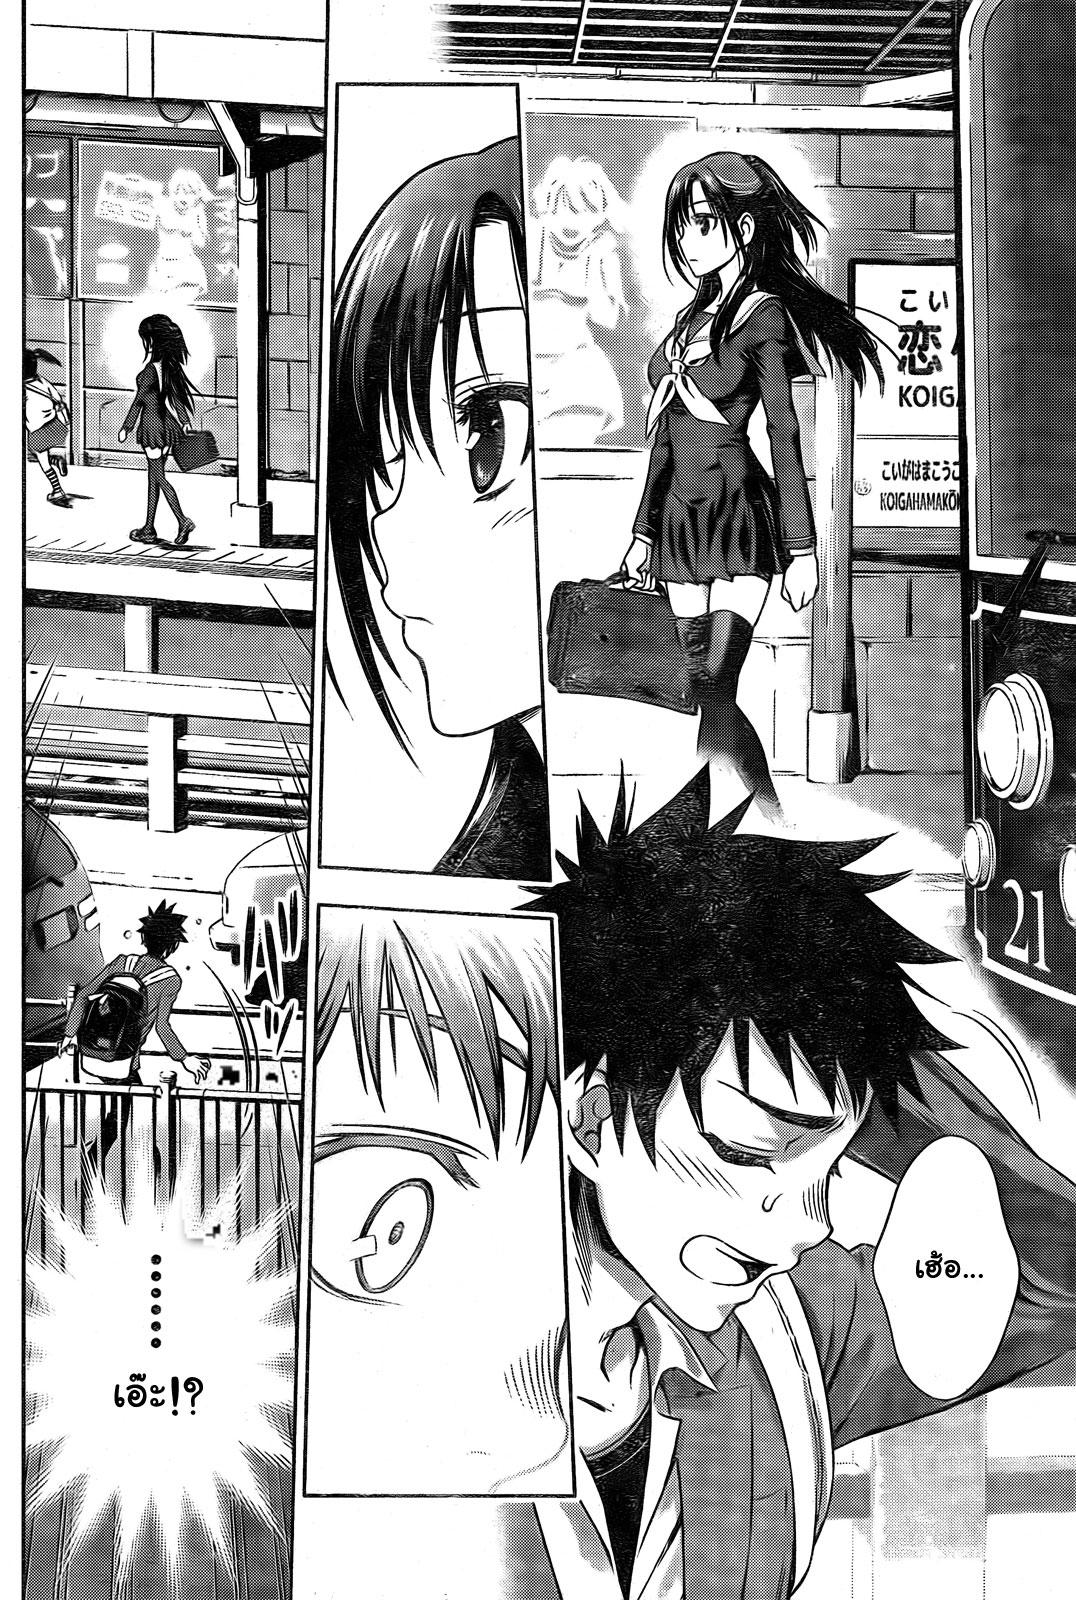 อ่านการ์ตูน Koisome Momiji 1 ภาพที่ 13